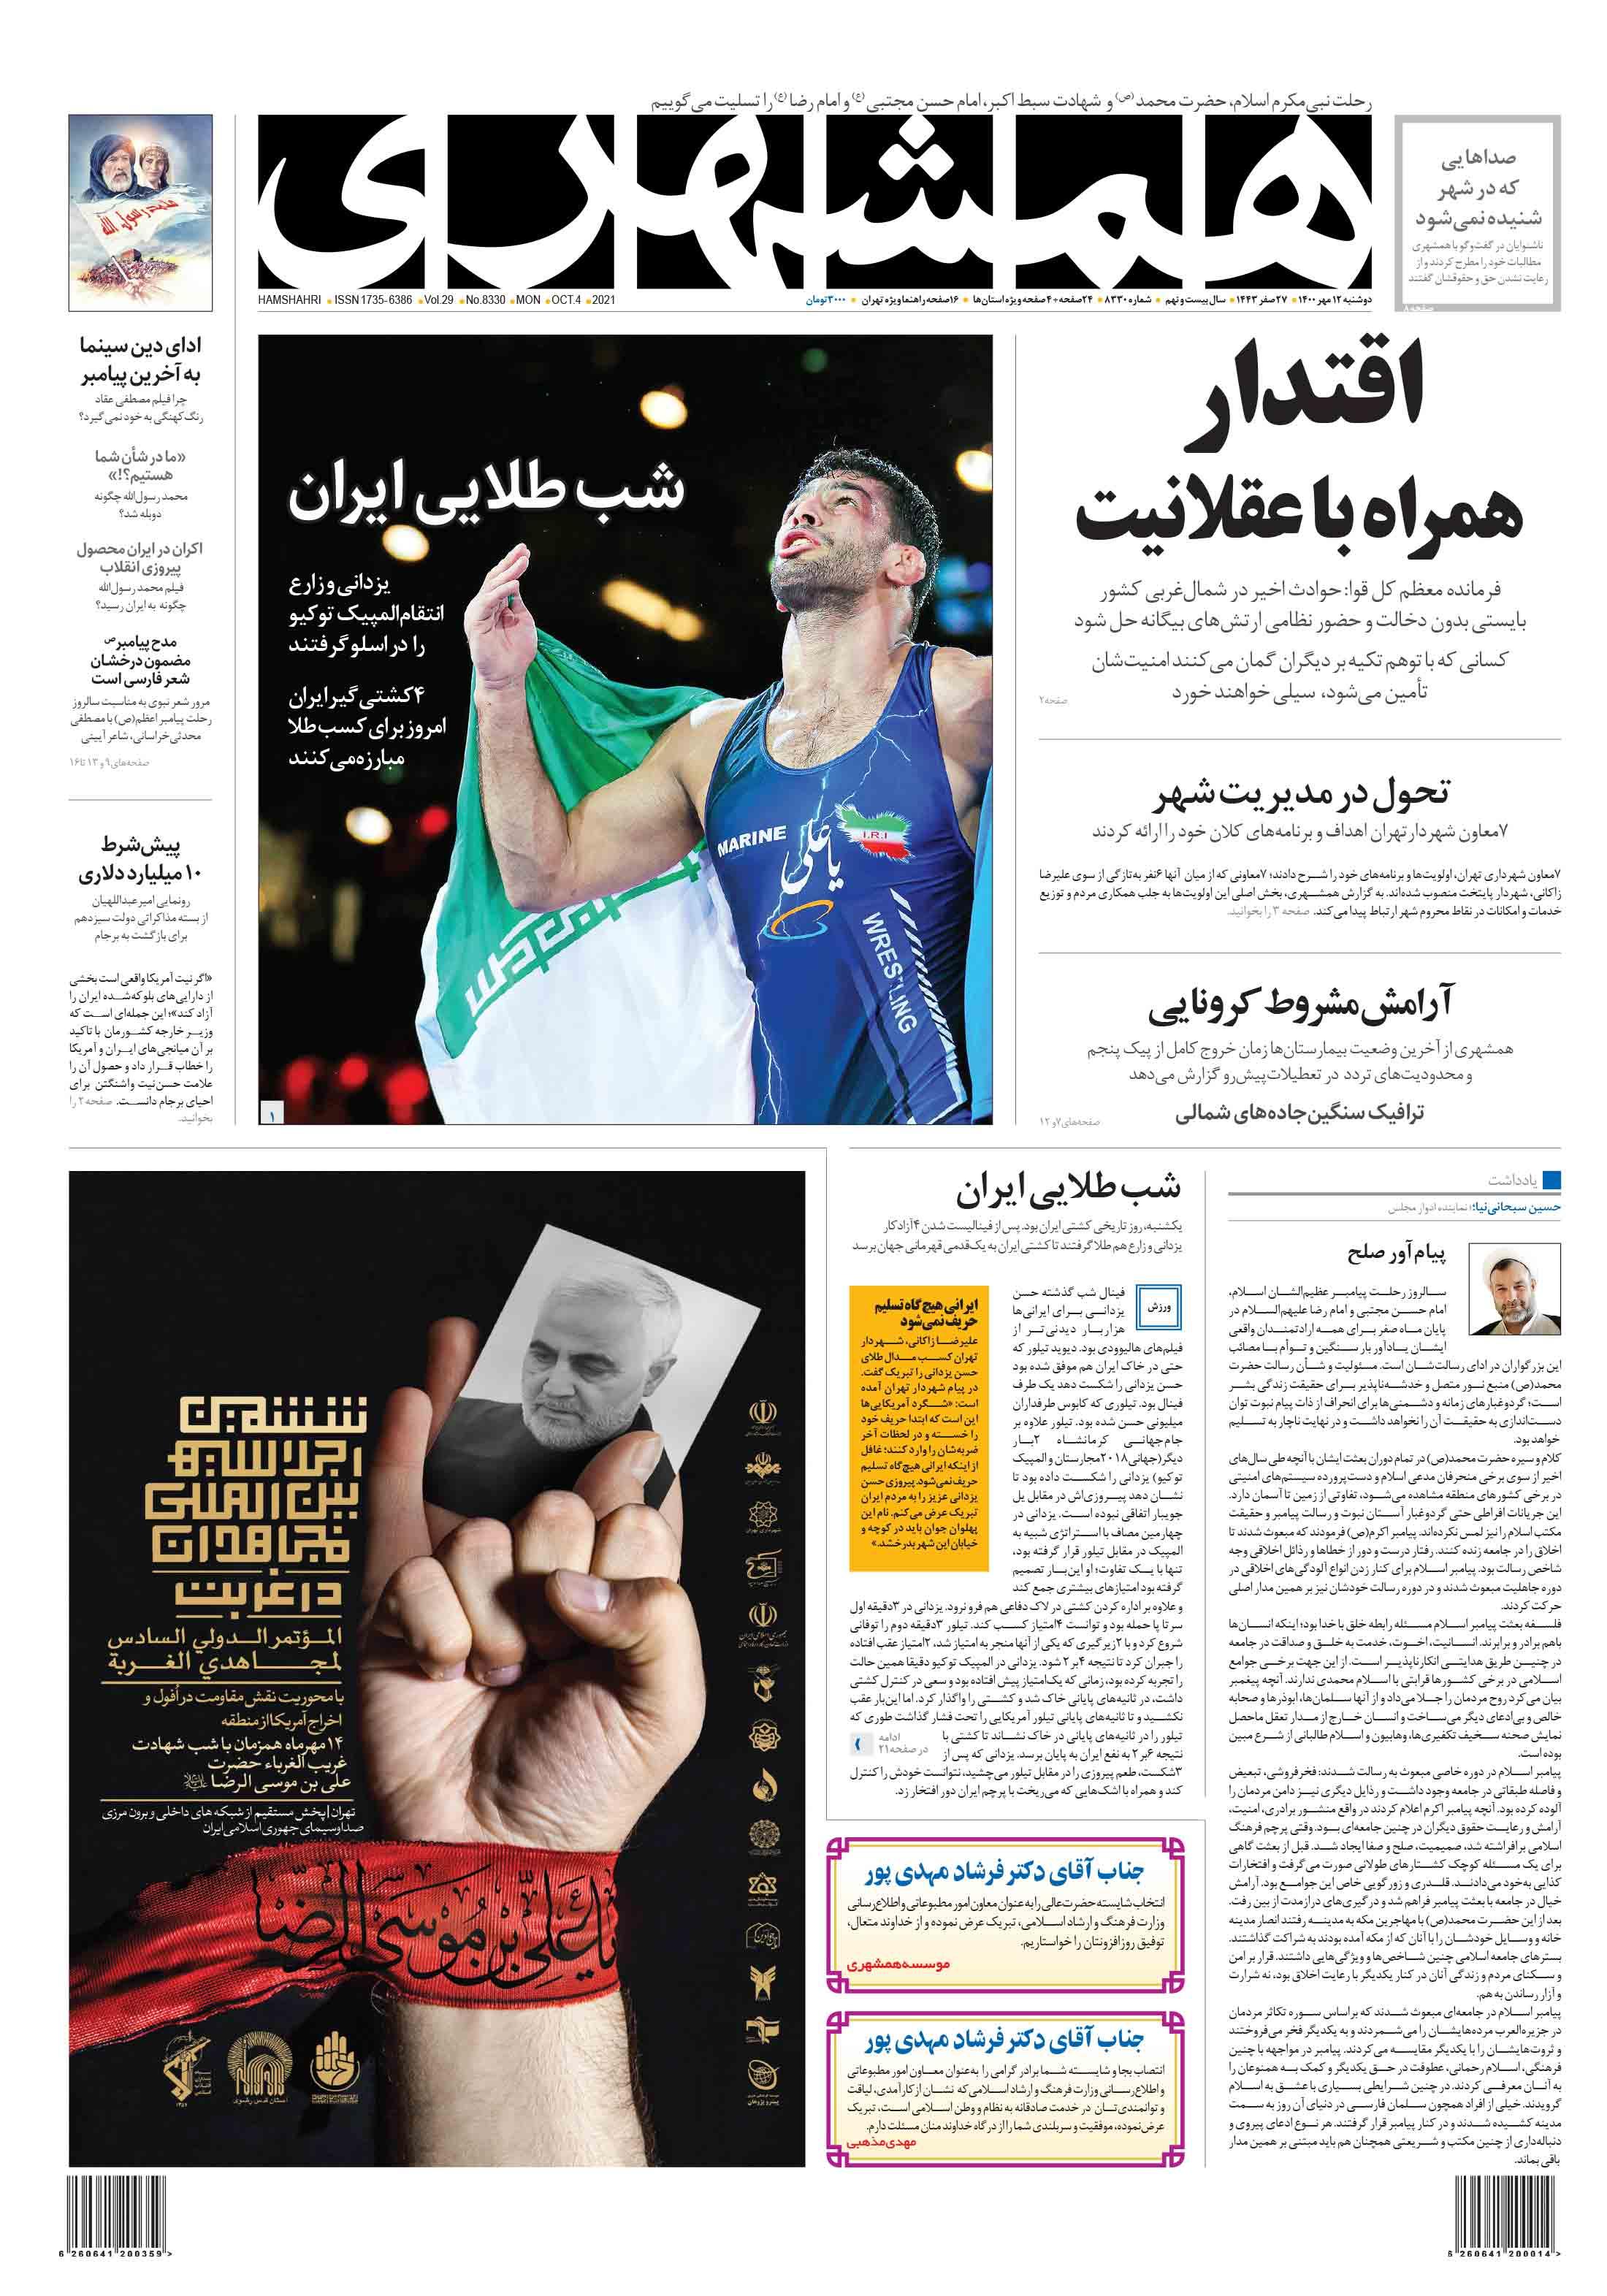 صفحه اول دوشنبه 12 مهر 1400